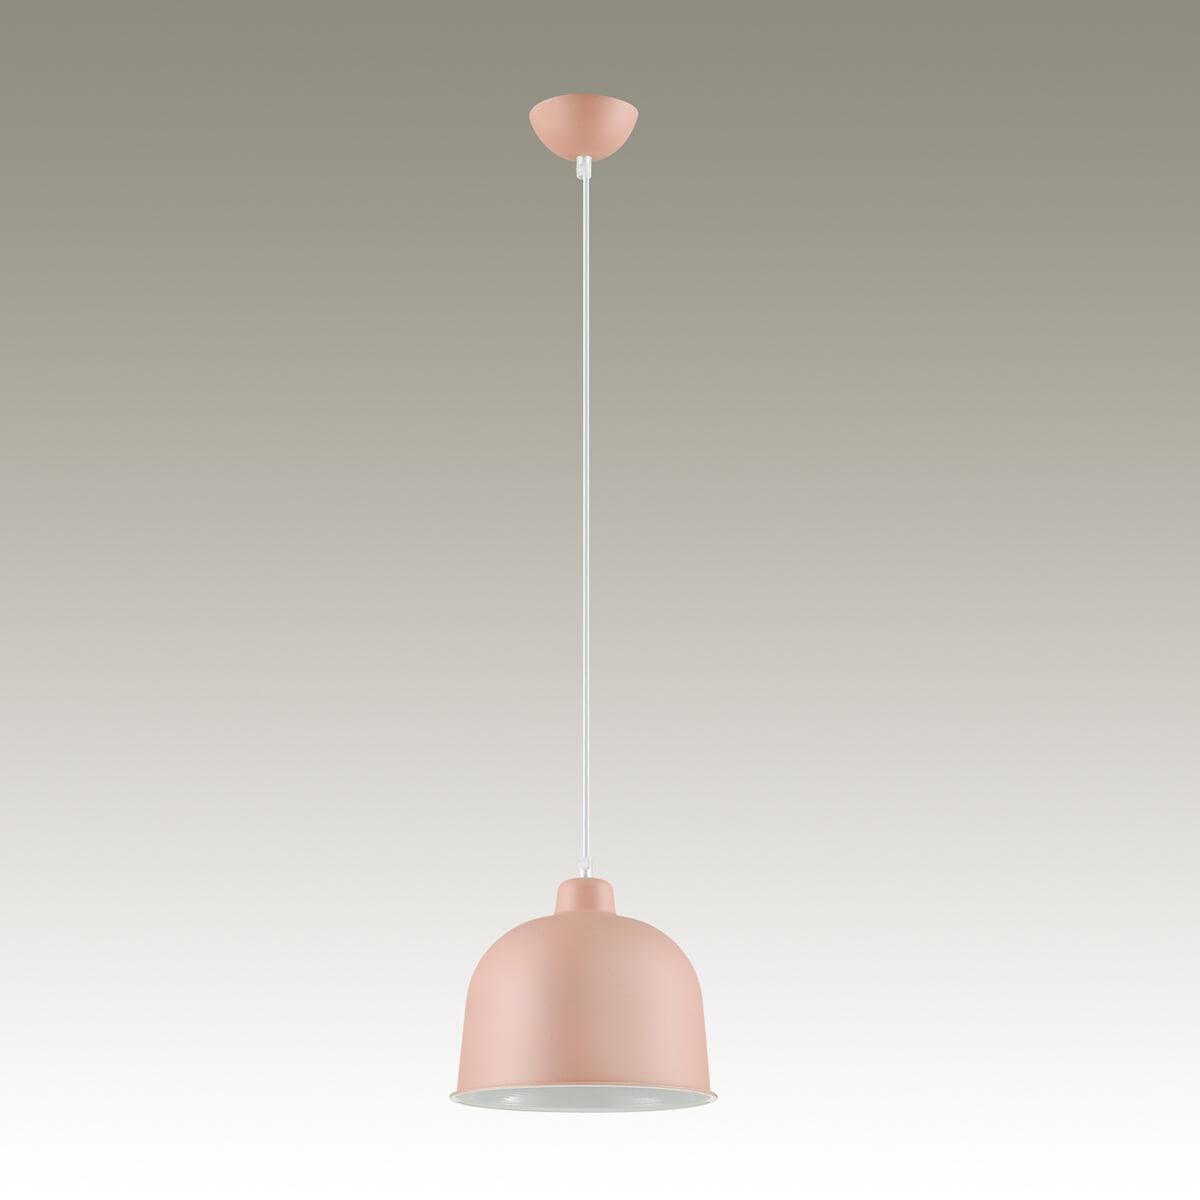 Подвесной светильник Lumion Rory 3655/1 подвесной светильник lumion rory 3656 1